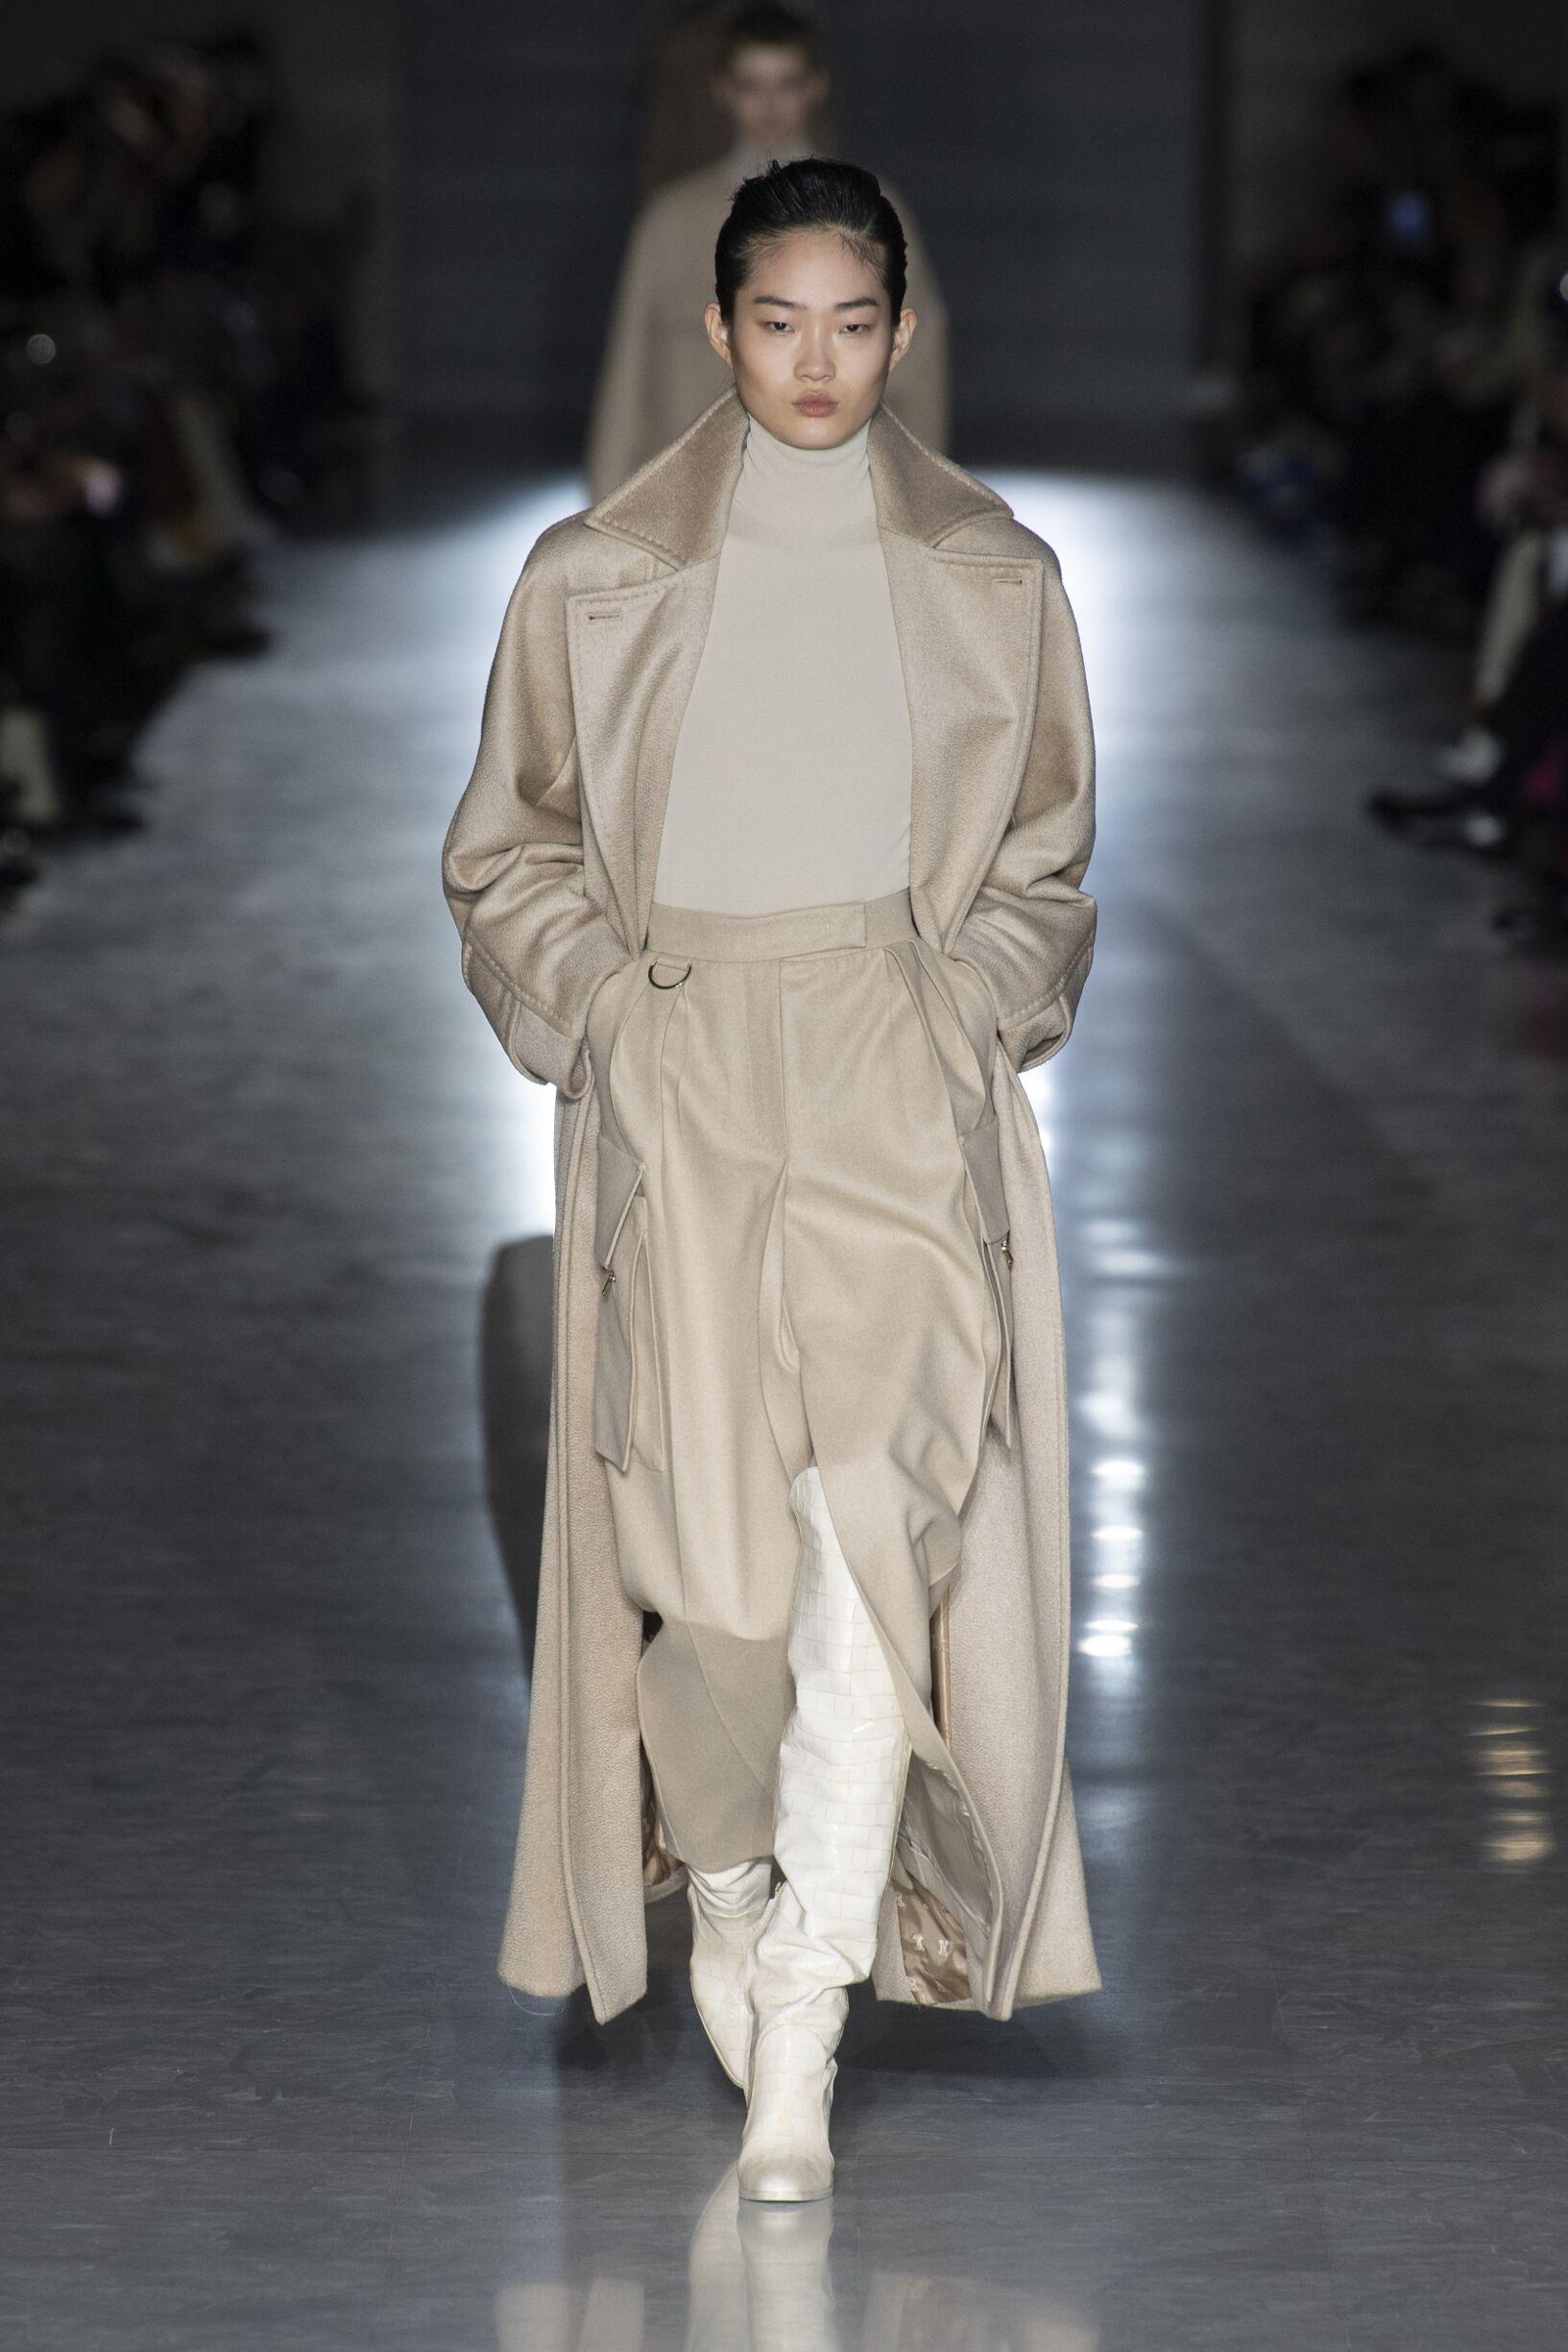 Winter 2019 Fashion Trends Max Mara